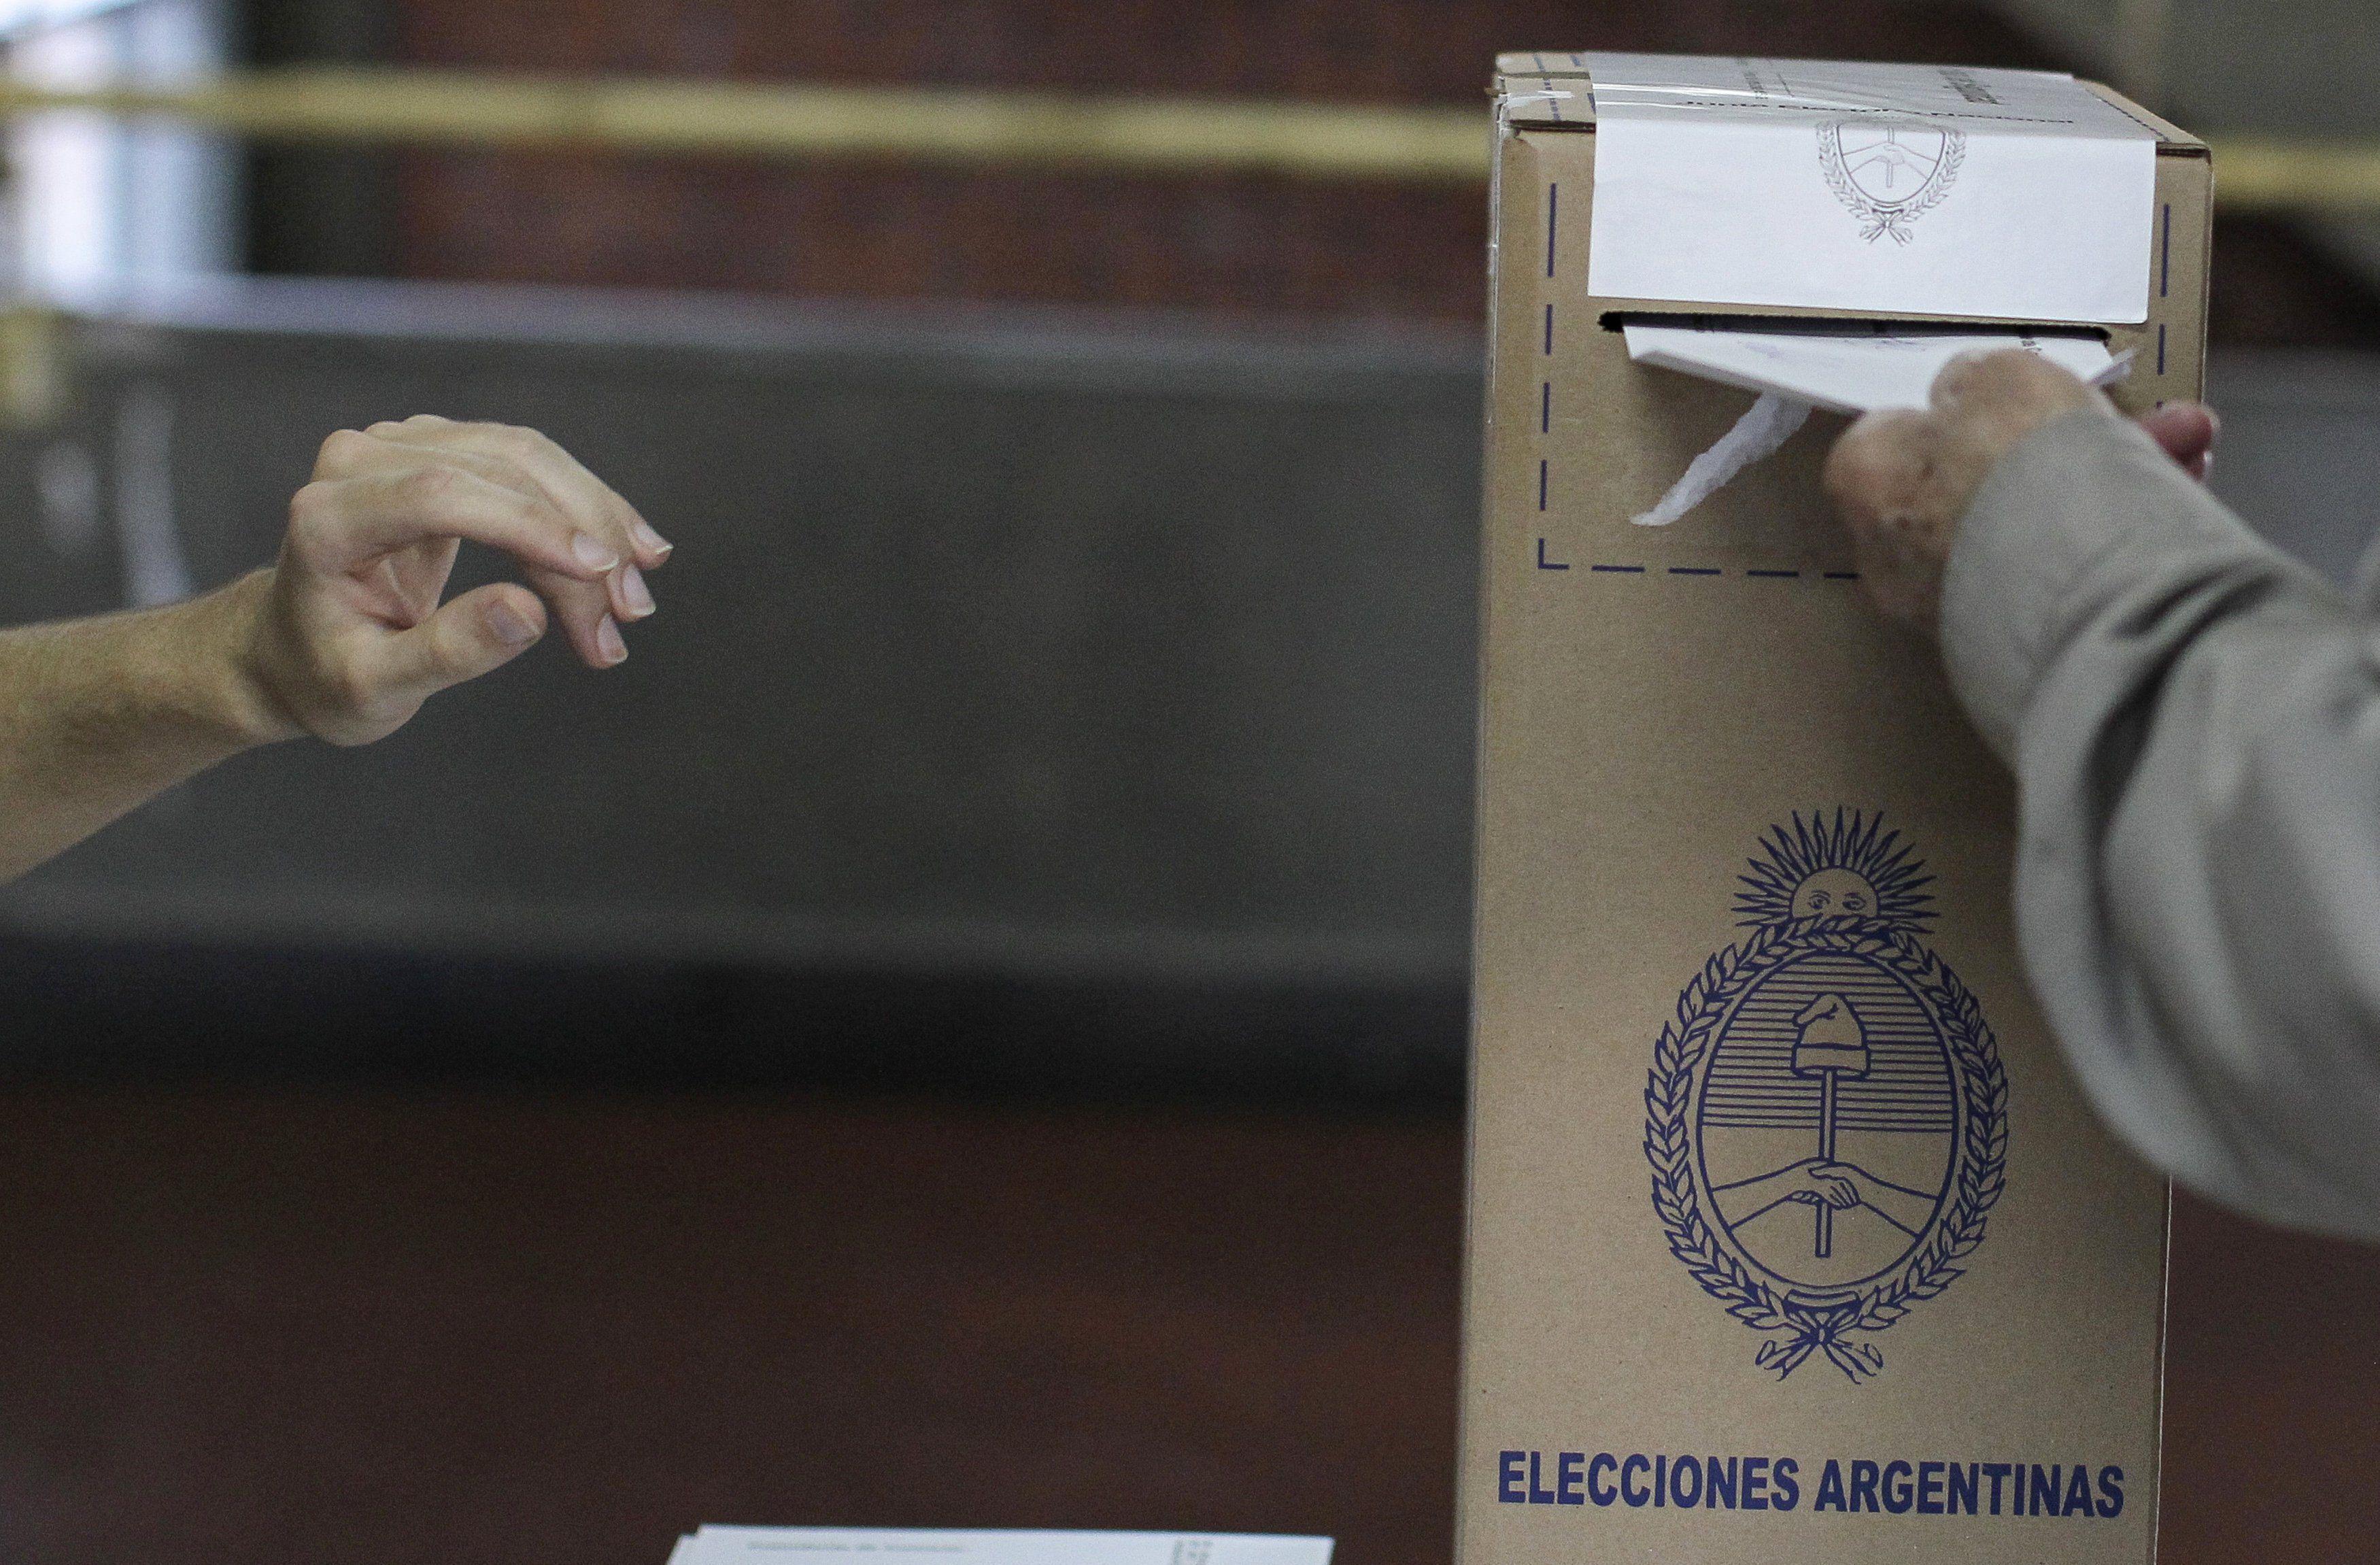 El próximo domingo se llevarán a cabo las elecciones Primarias, Abiertas, Simultáneas y Obligatorias